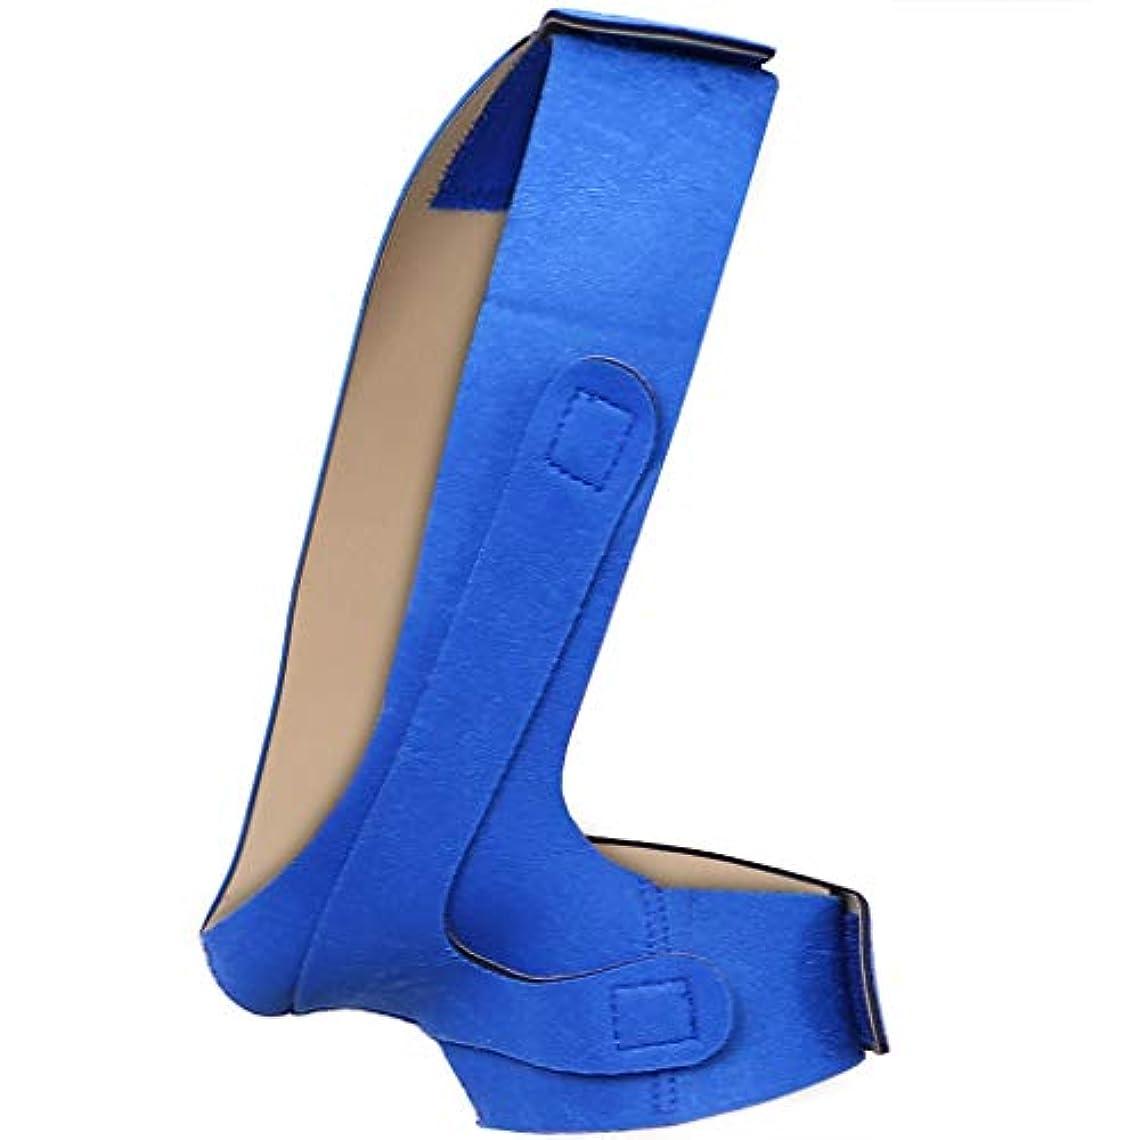 震え富豪スノーケルCHSY アンチリンクルフェイス二重あごビームフェイスベルトを持ち上げる薄い顔ベルト、通気性睡眠包帯Vフェイスアーティファクト 薄い顔の包帯 (Color : Blue)